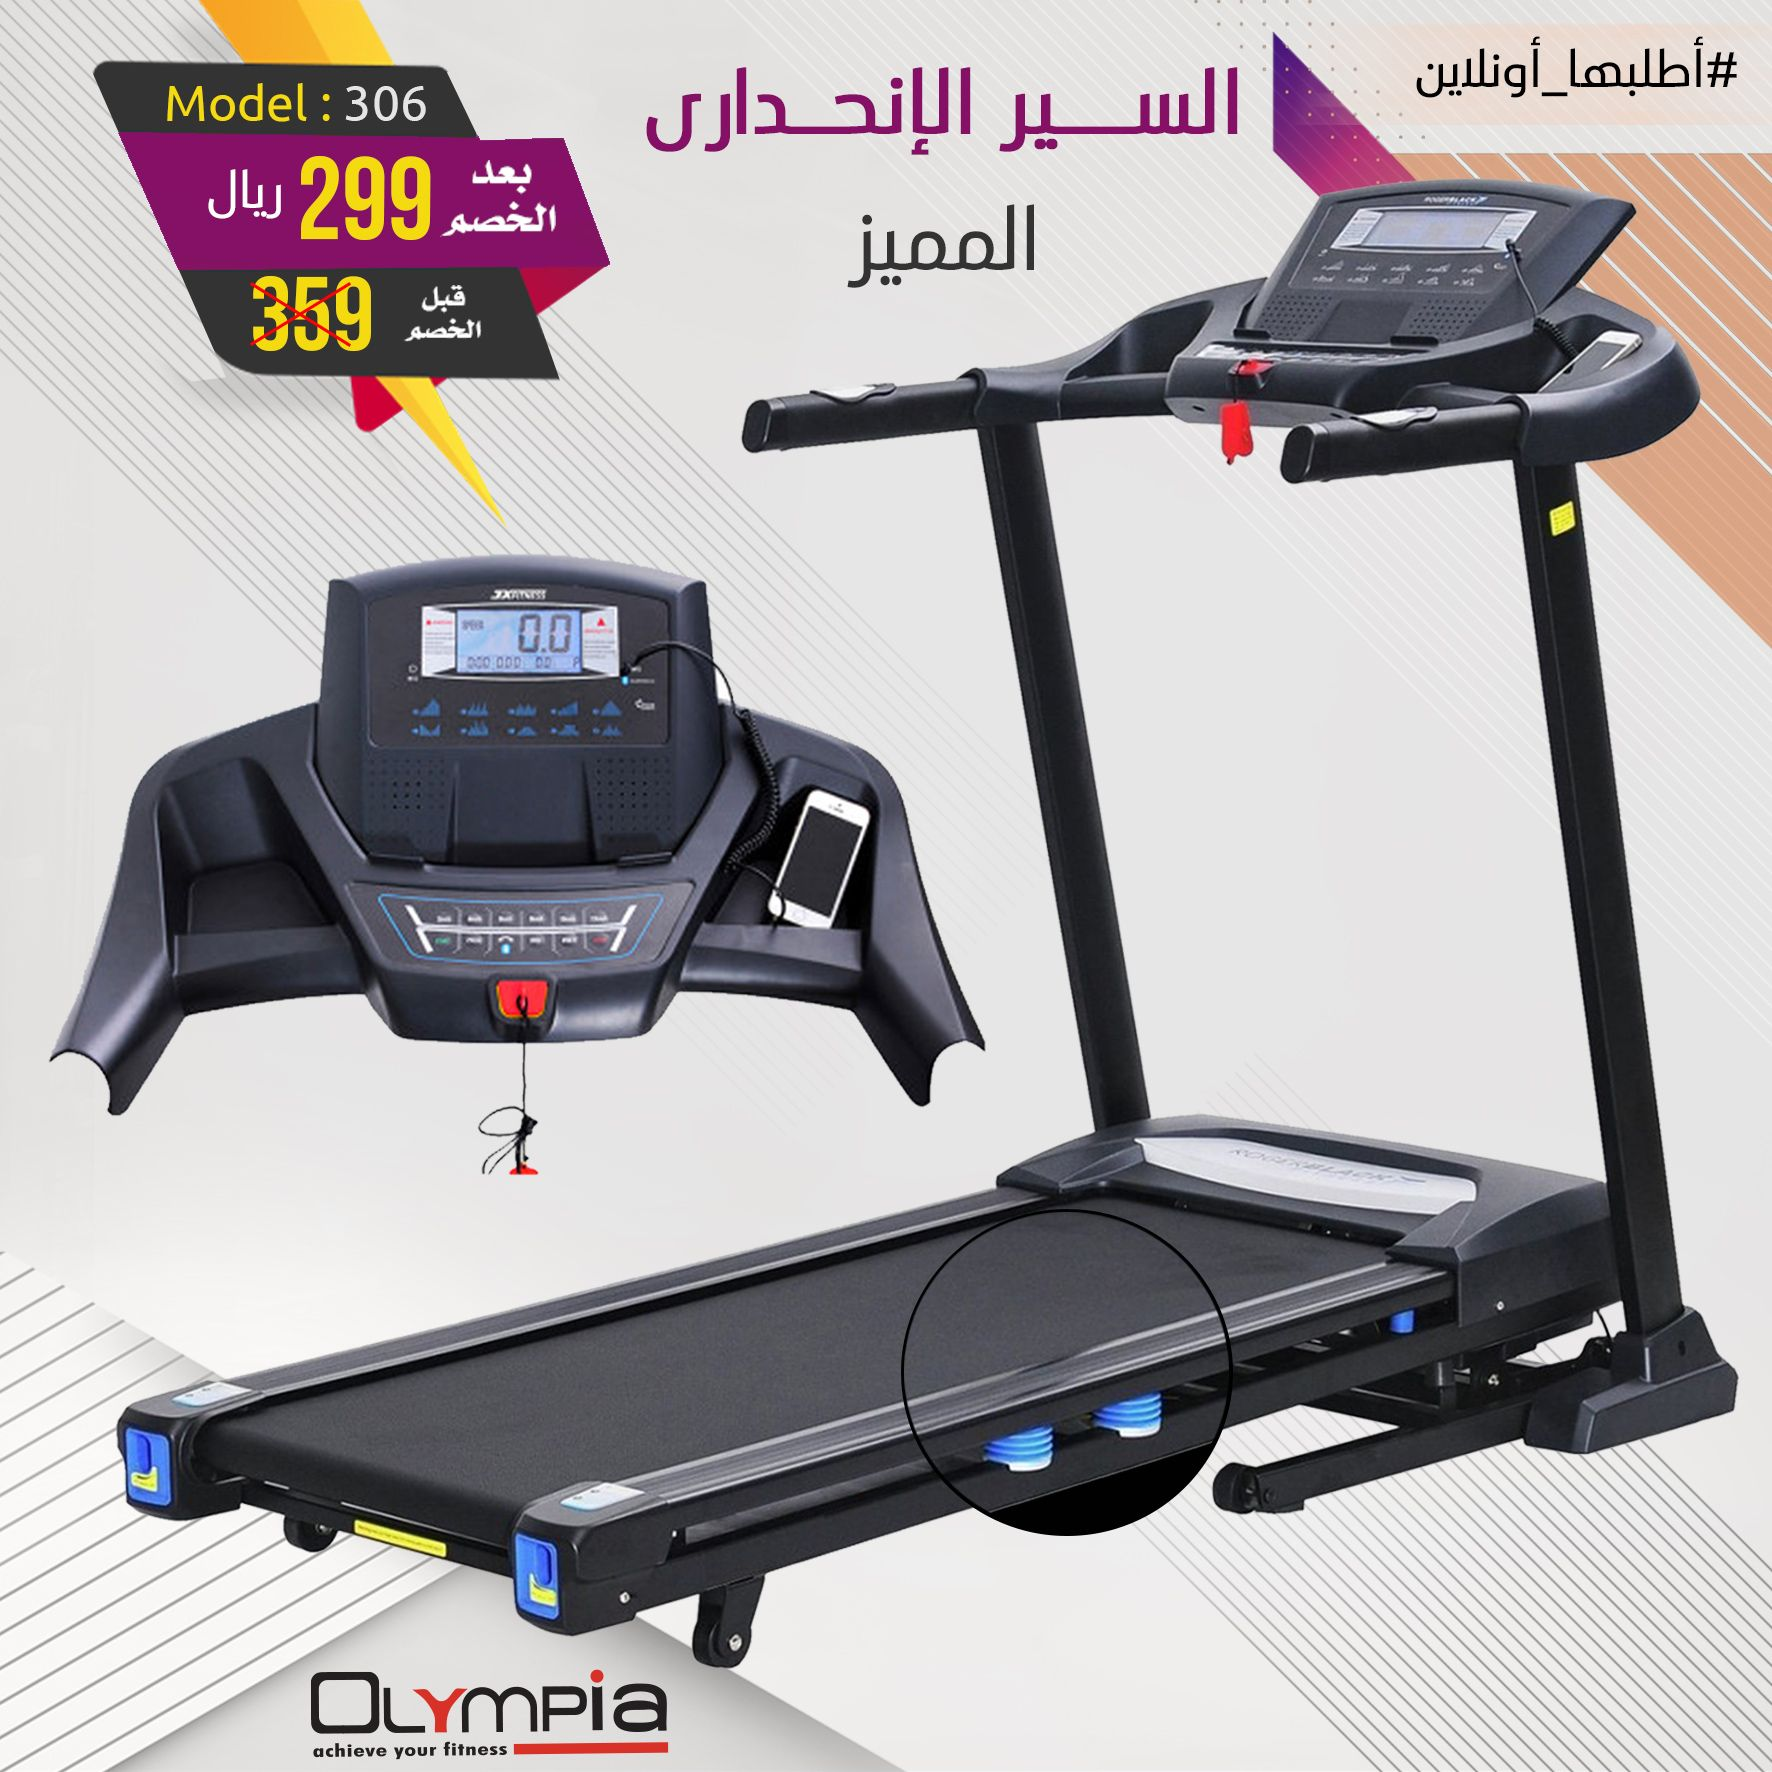 وصلنا حديثا أفضل المنتجات الرياضية من اولمبيا وباسعار تنافسية مع خدمة توصيل لجميع الولايات تمرينك في البيت ما عليك إلا الطلب و Gym Sultanate Of Oman Sports